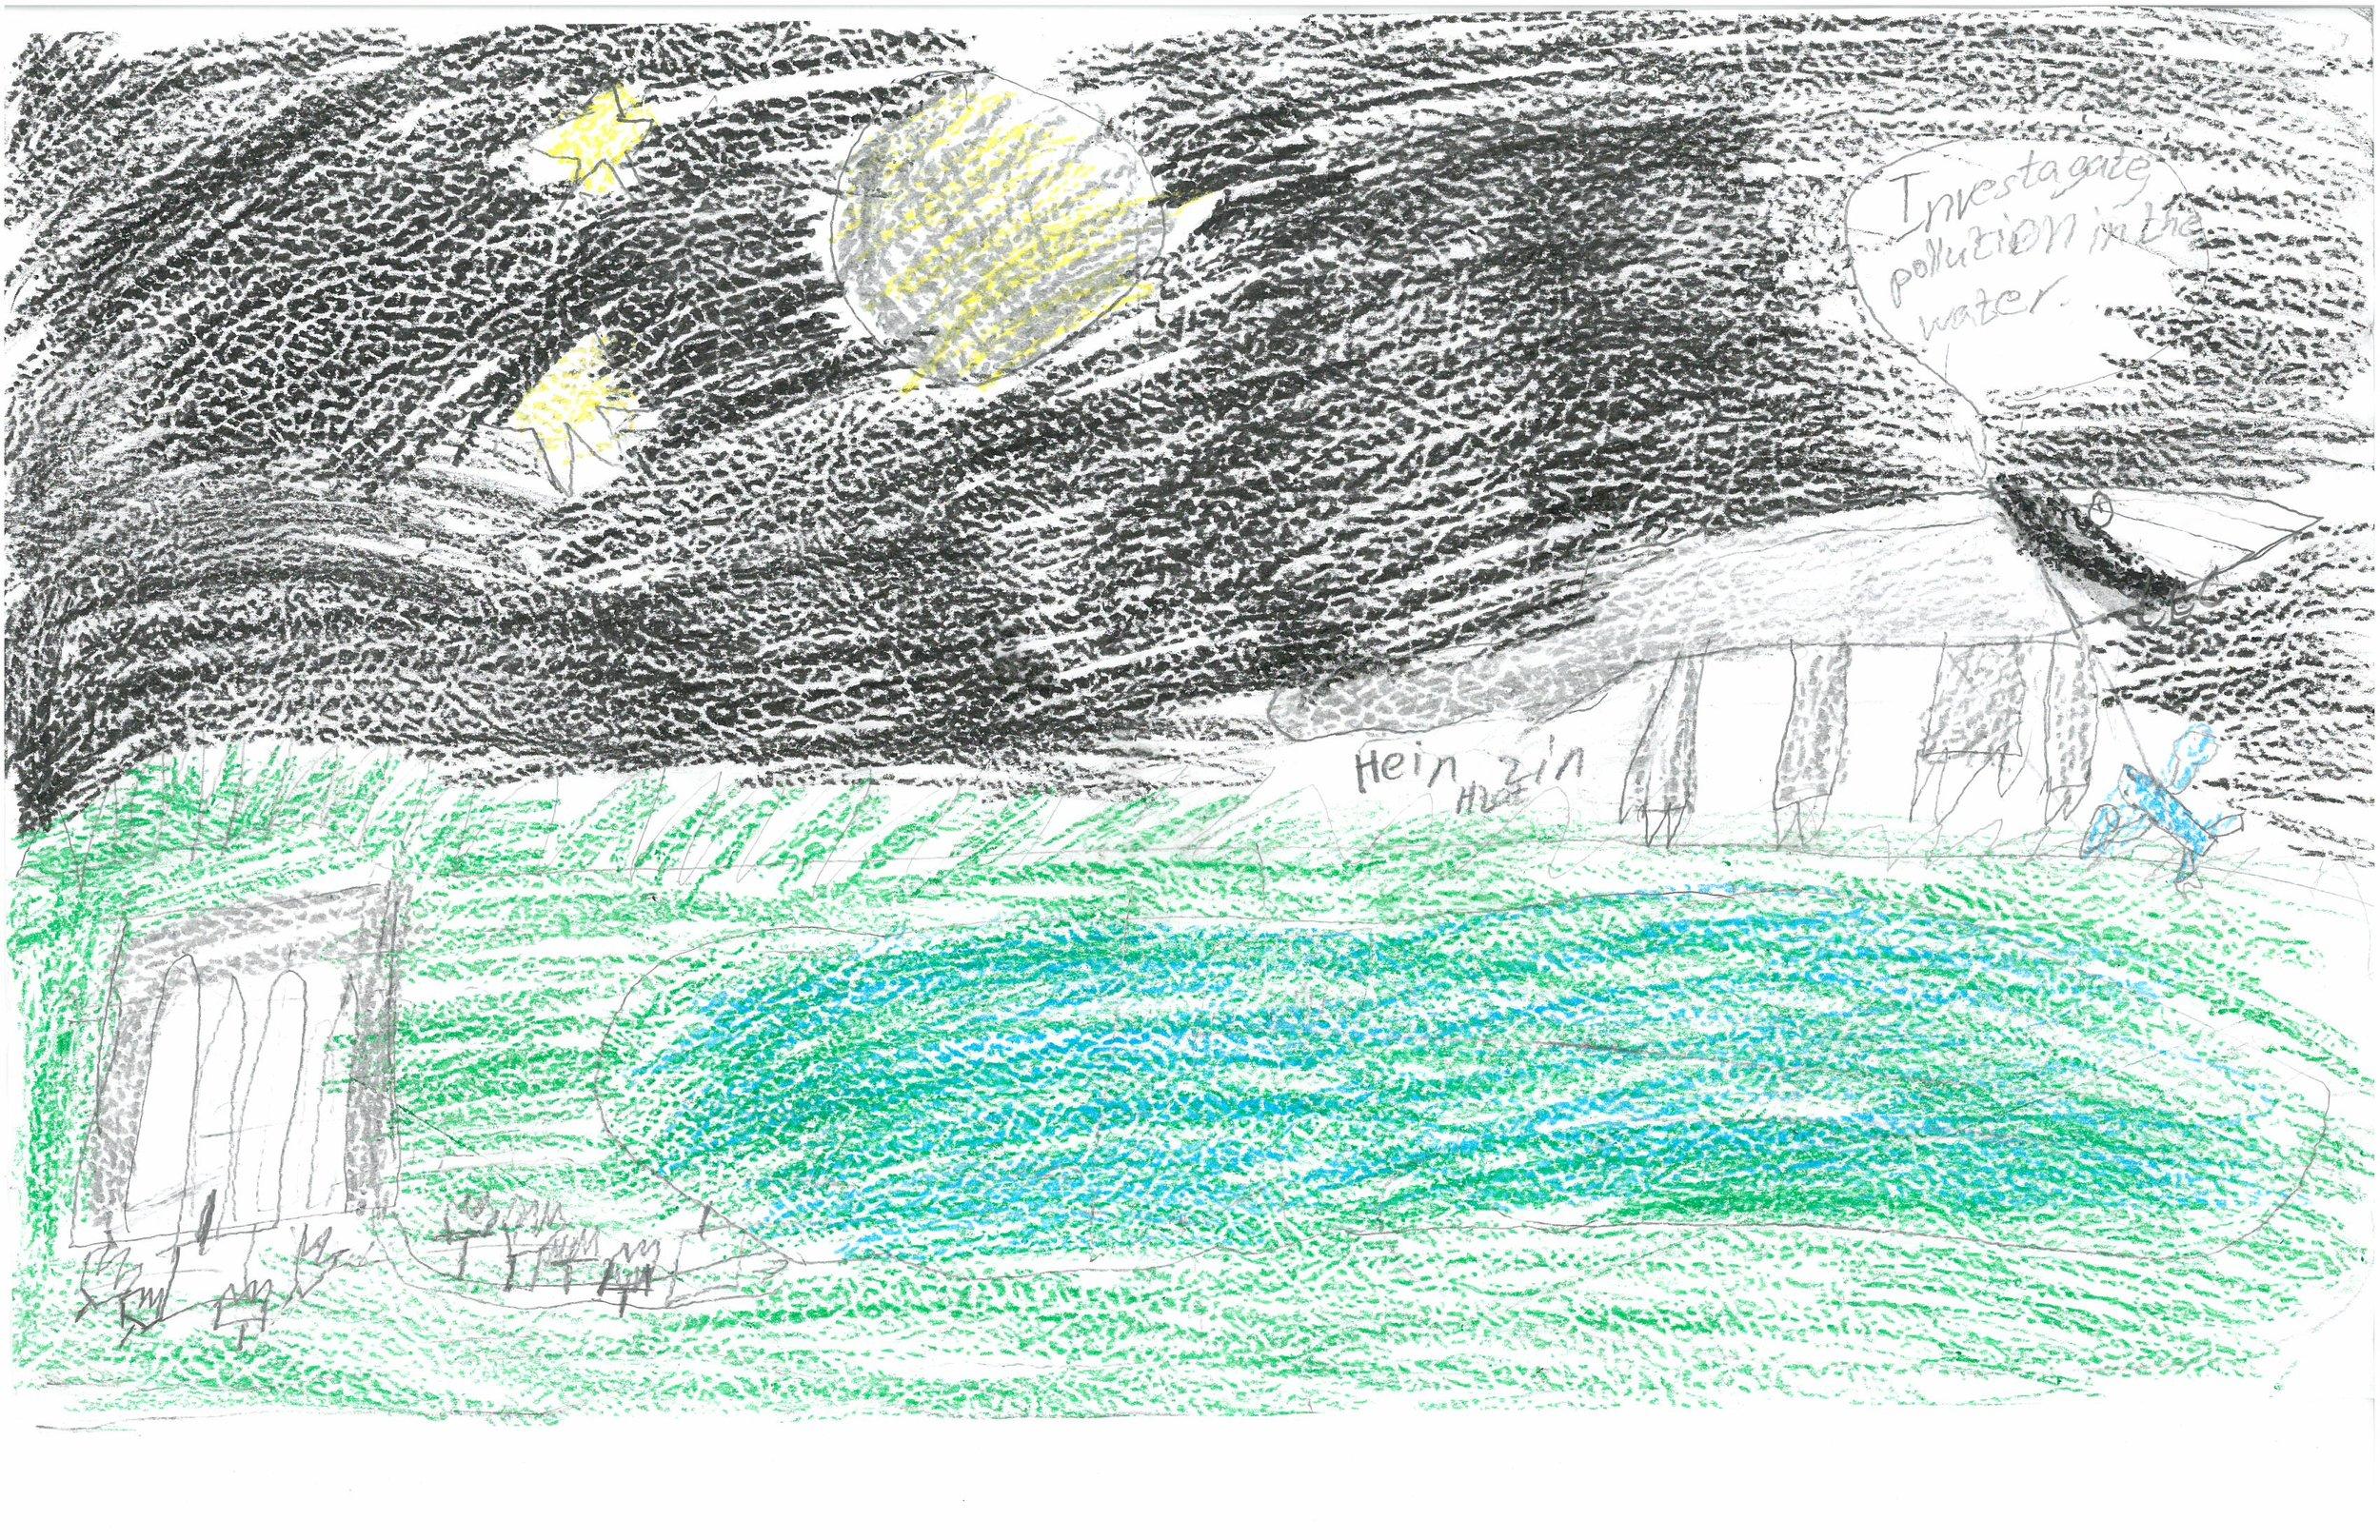 Hein Zin, 3rd grader at Shady Grove Elem.